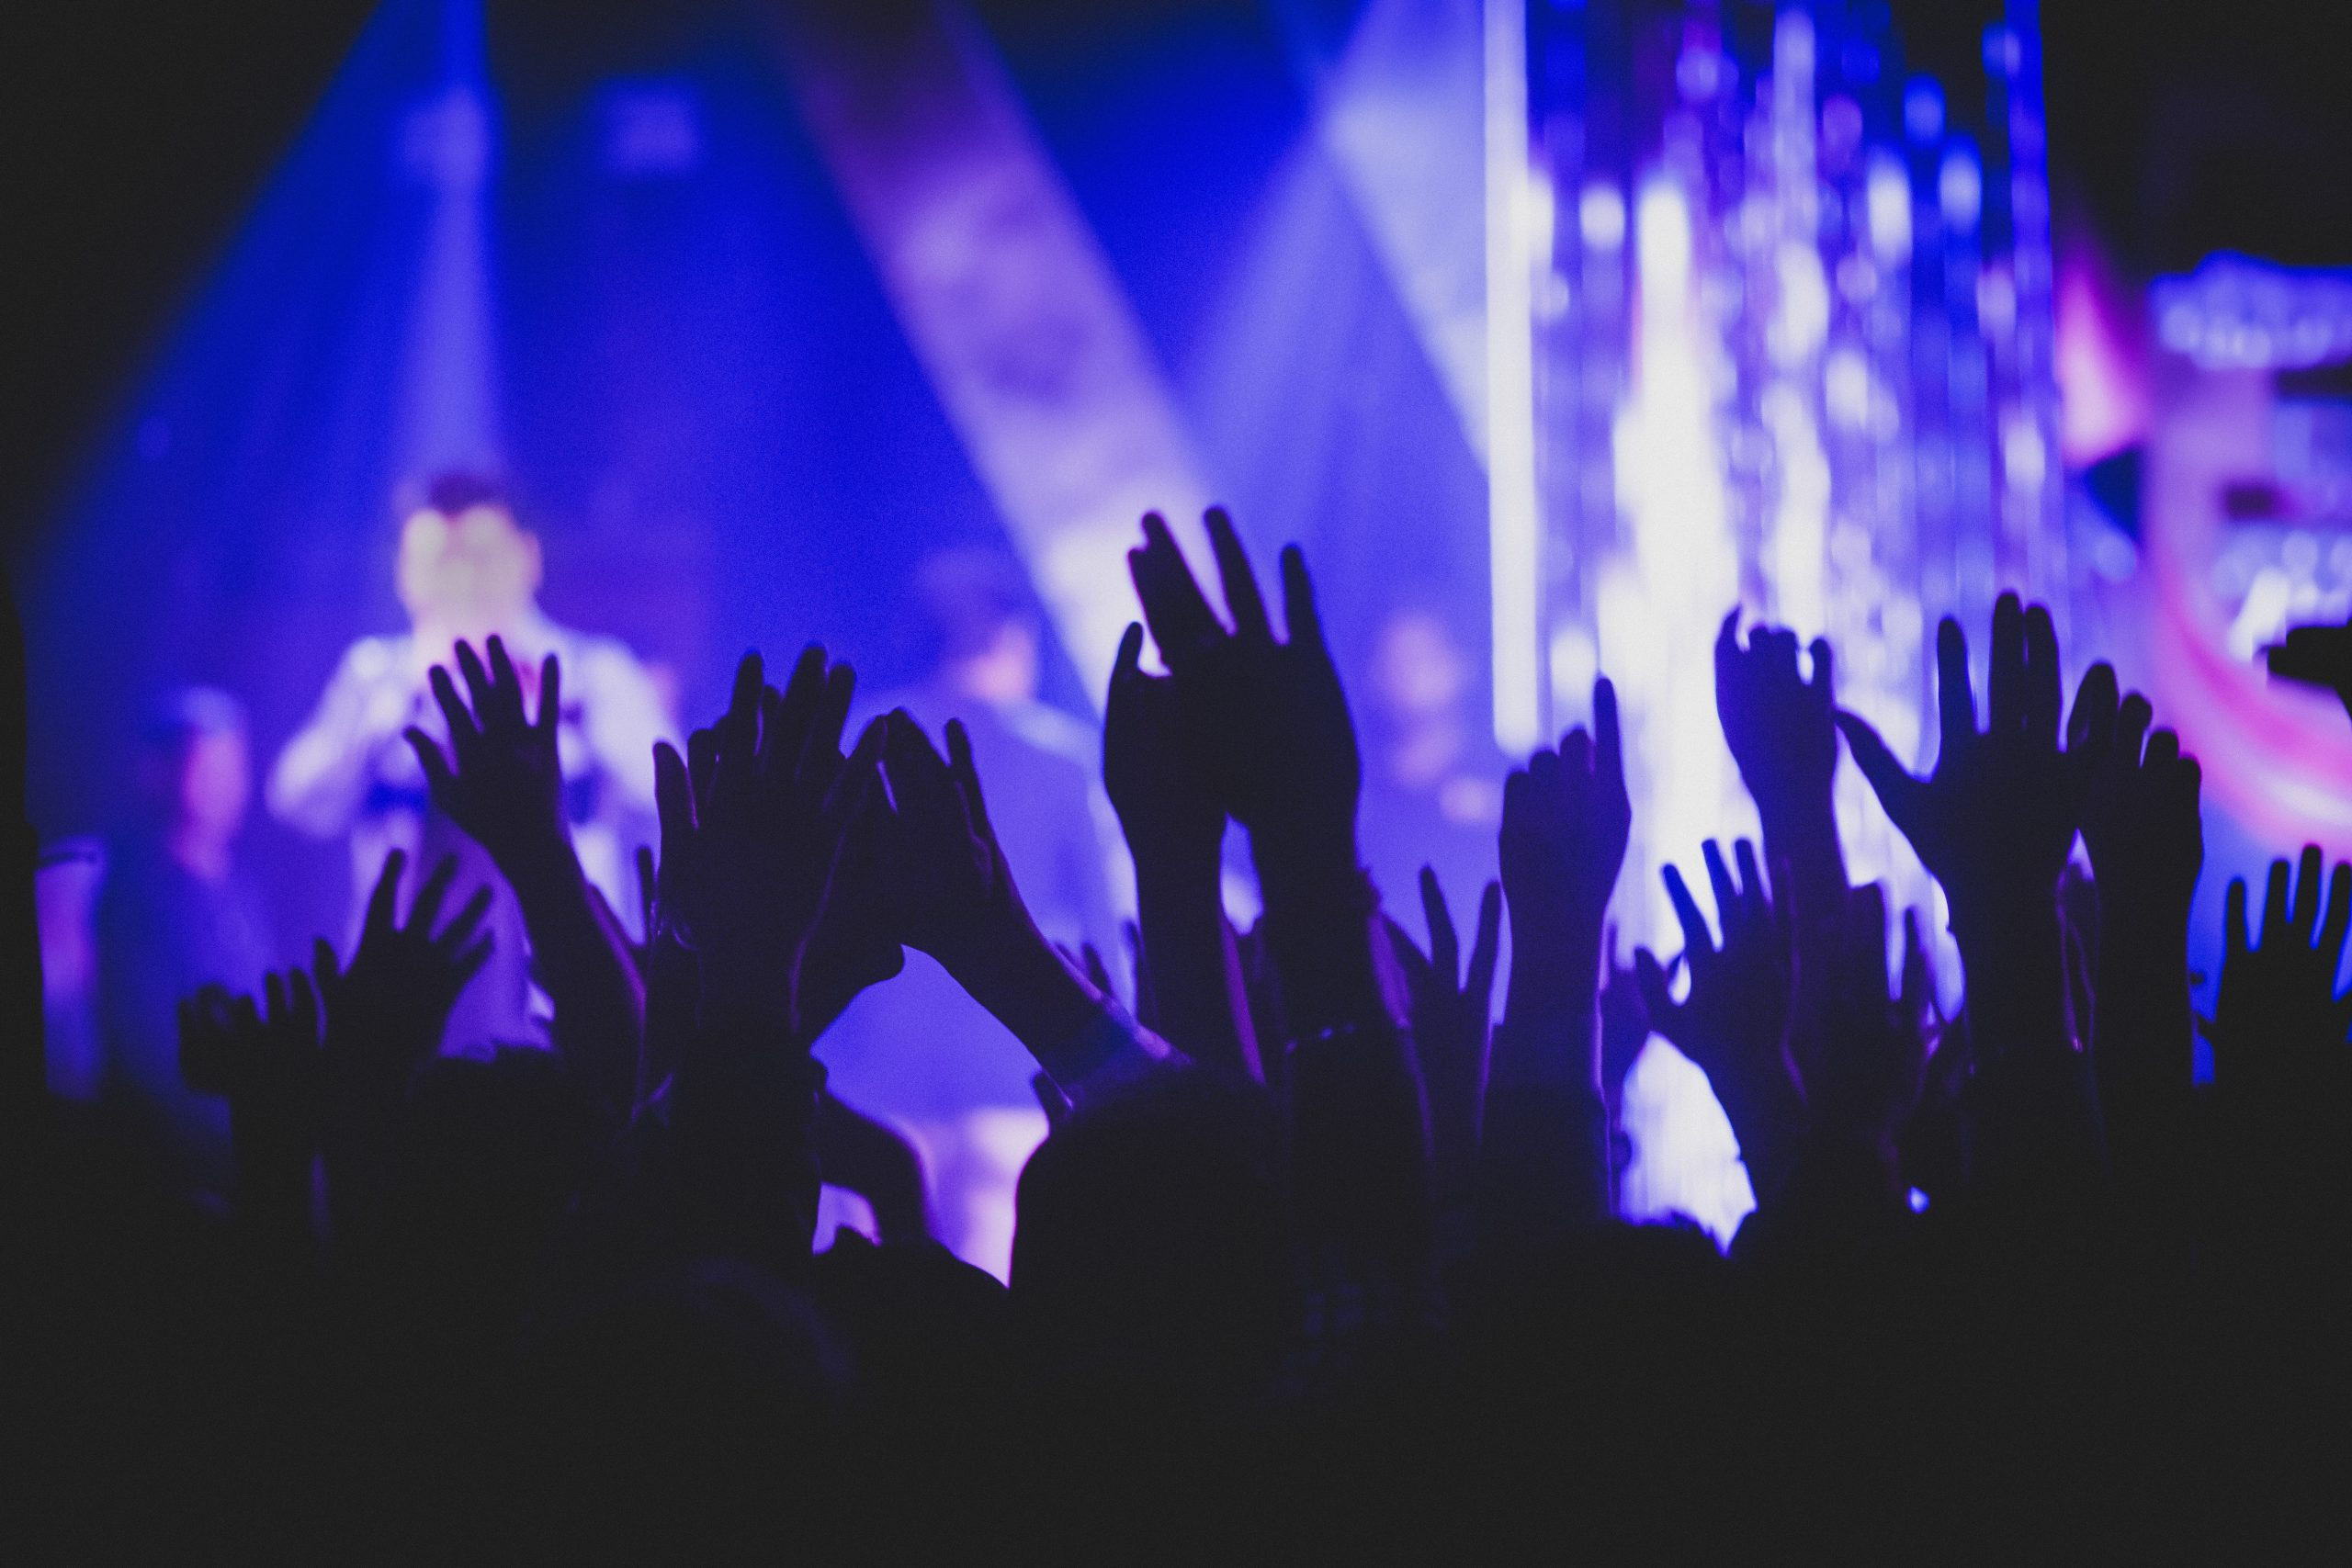 Концерт ко Дню учителя пройдет в октябре в Москве